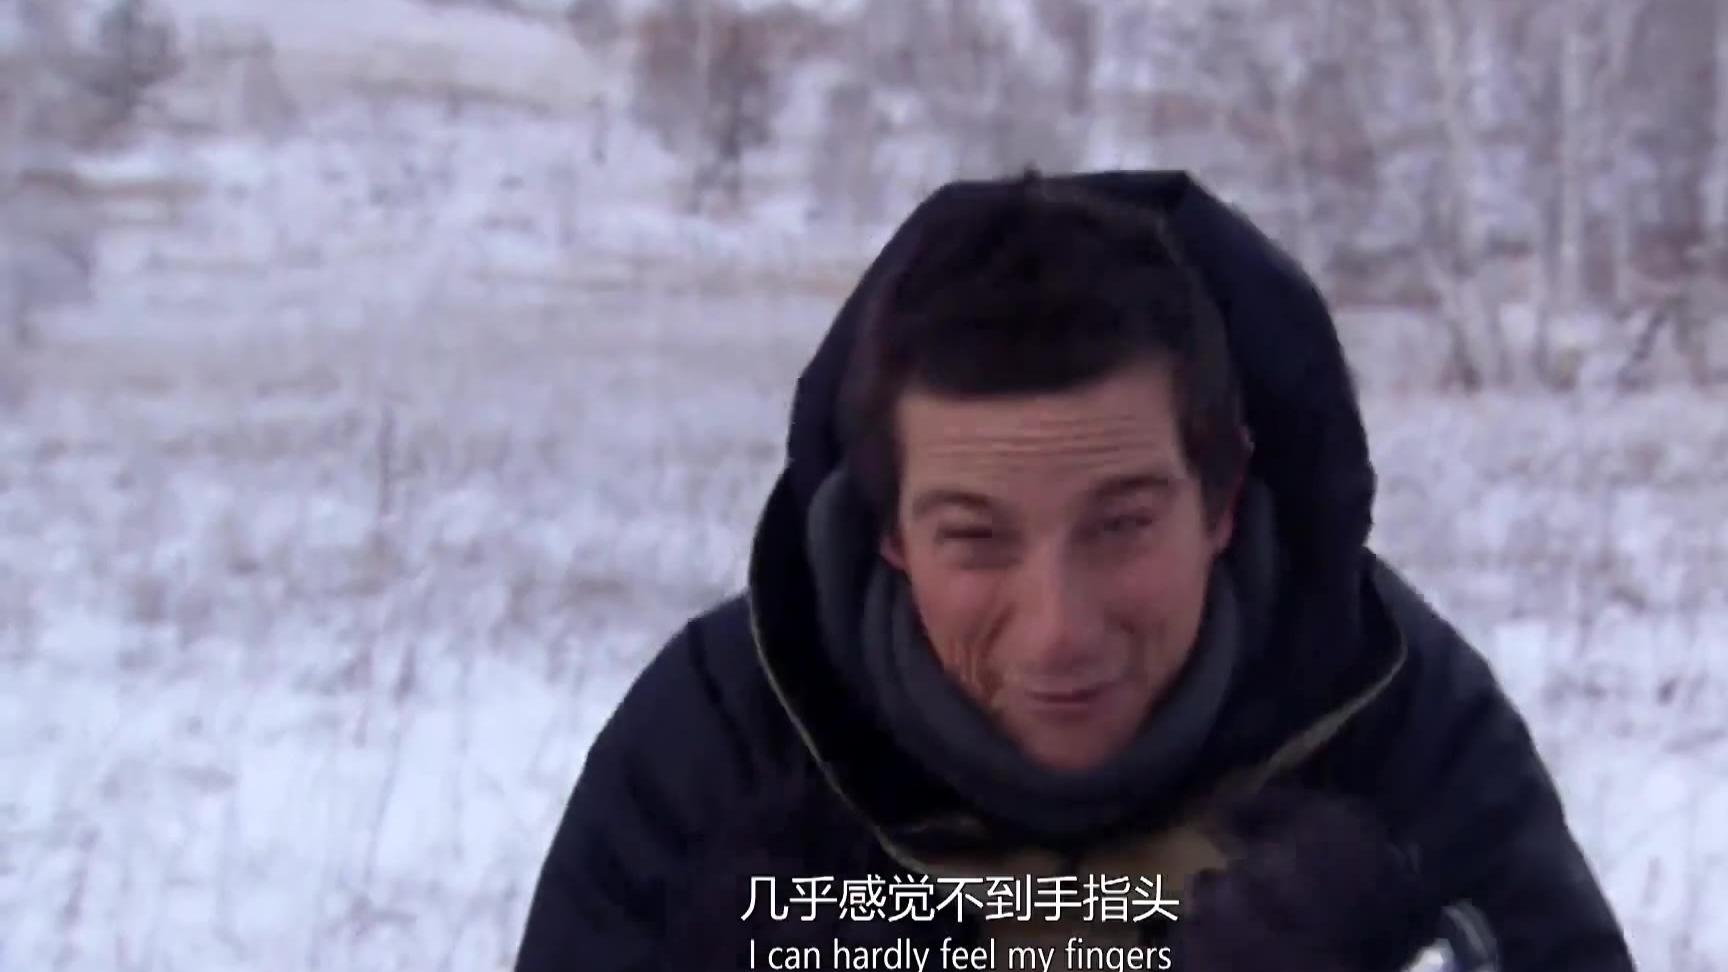 荒野求生 第二季 #8 西伯利亚 上集